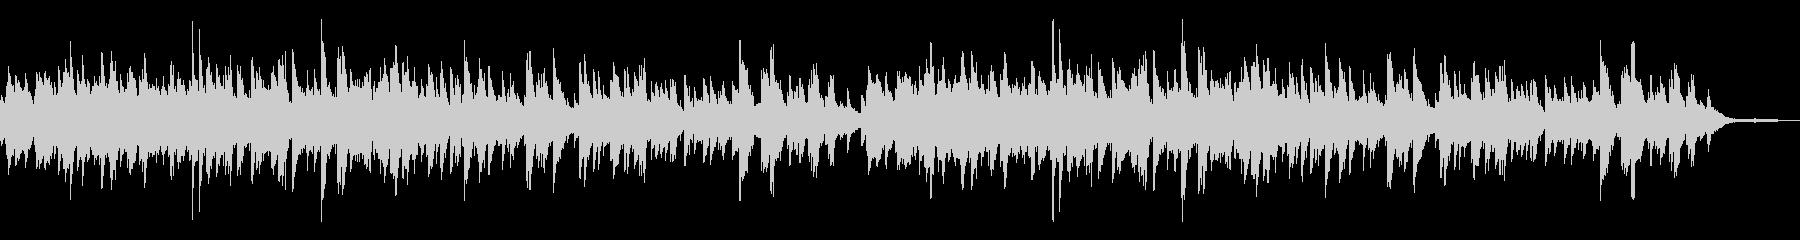 優しい温かな曲調 3拍子のピアノソロの未再生の波形